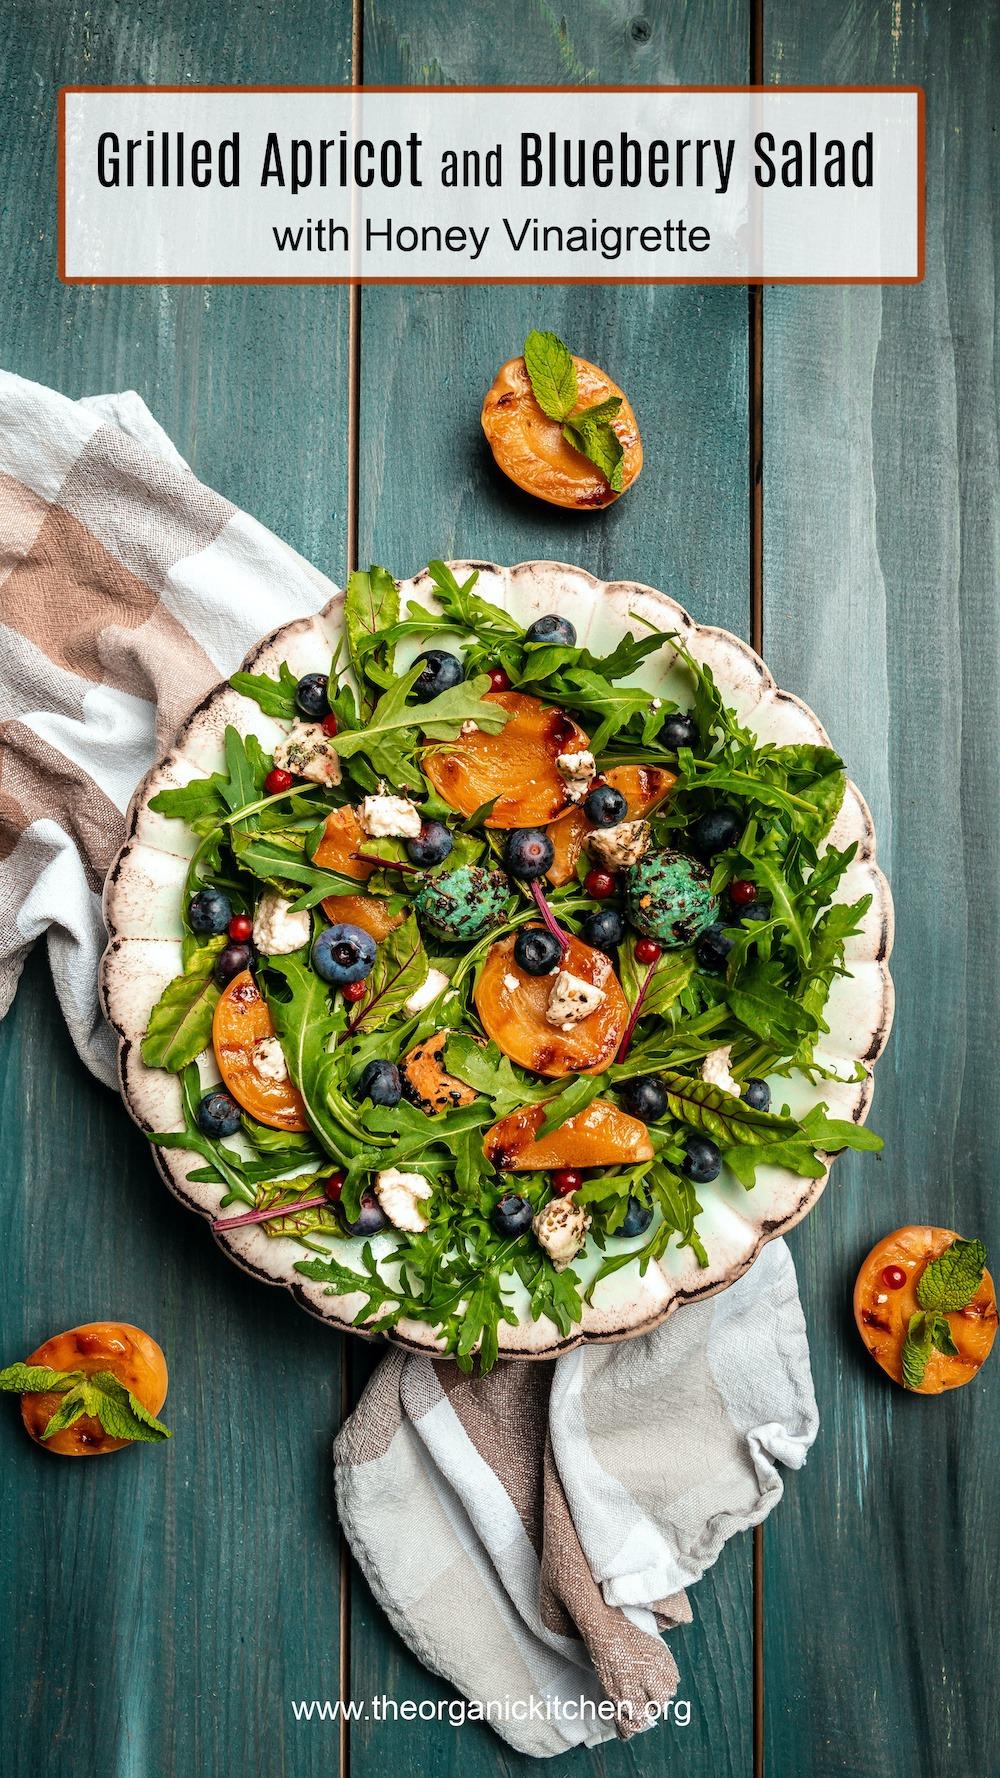 Salade d'abricots et de bleuets grillés sur plaque blanche sur fond bleu